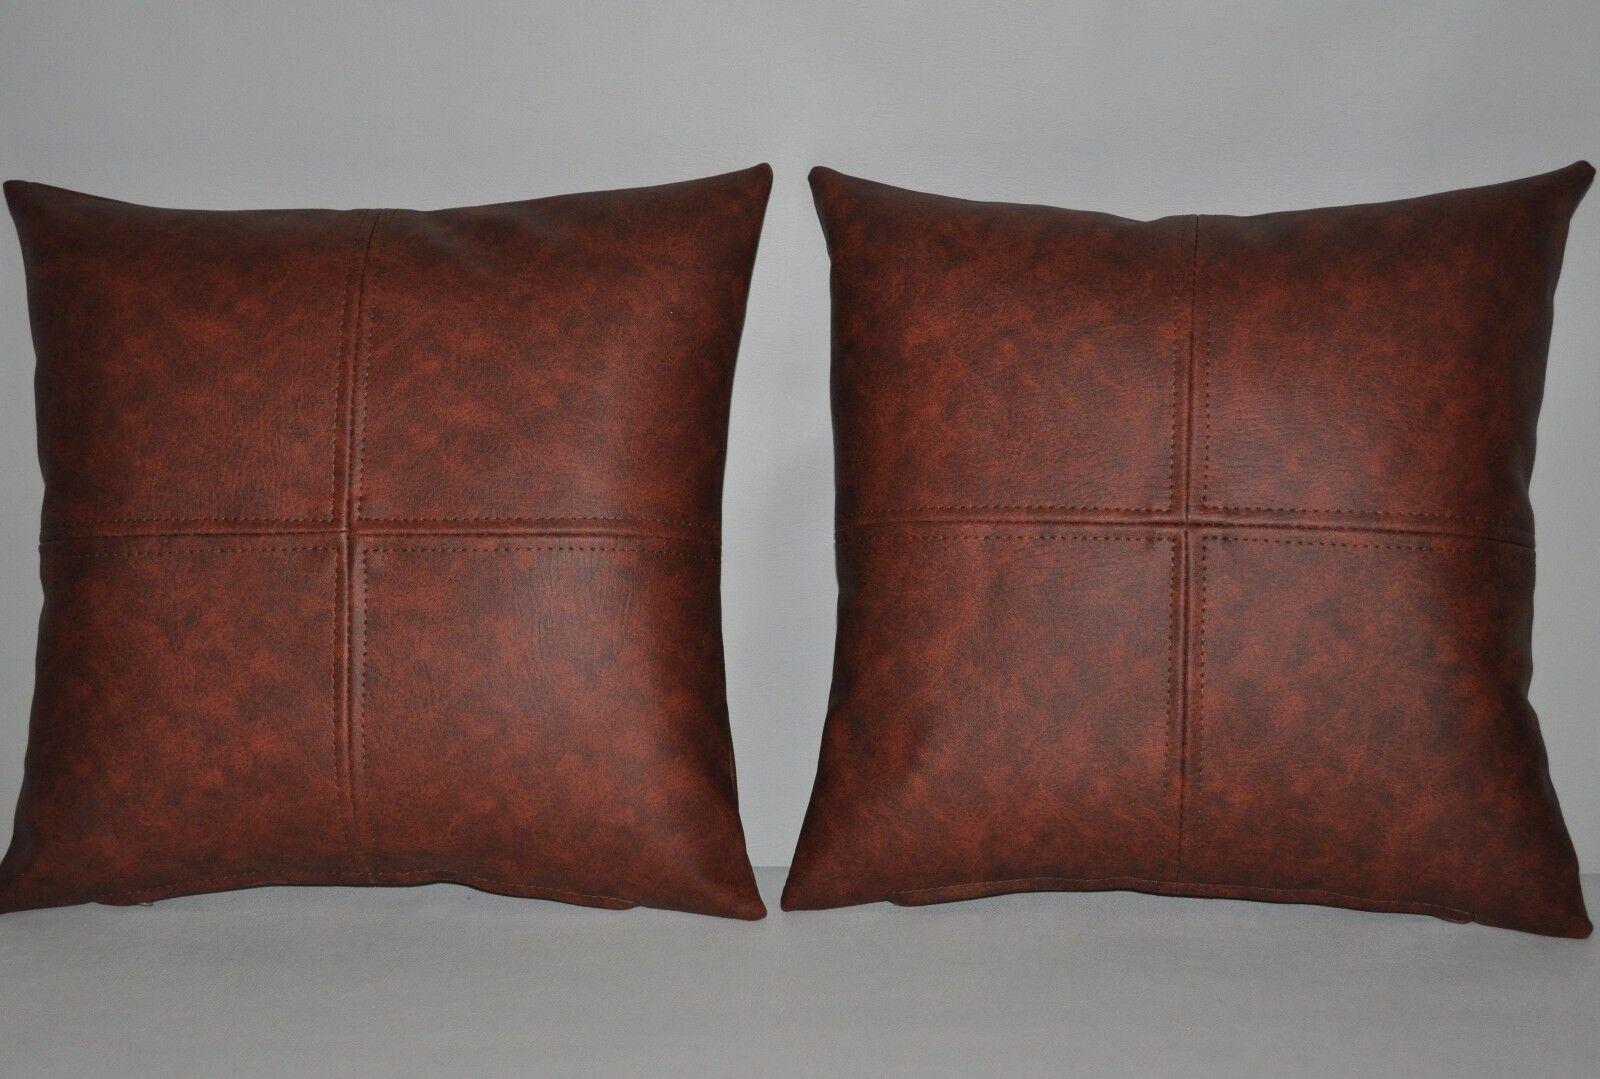 2 marbré marron & beige carreaux en cuir synthétique Coussins Coussins Coussins 16